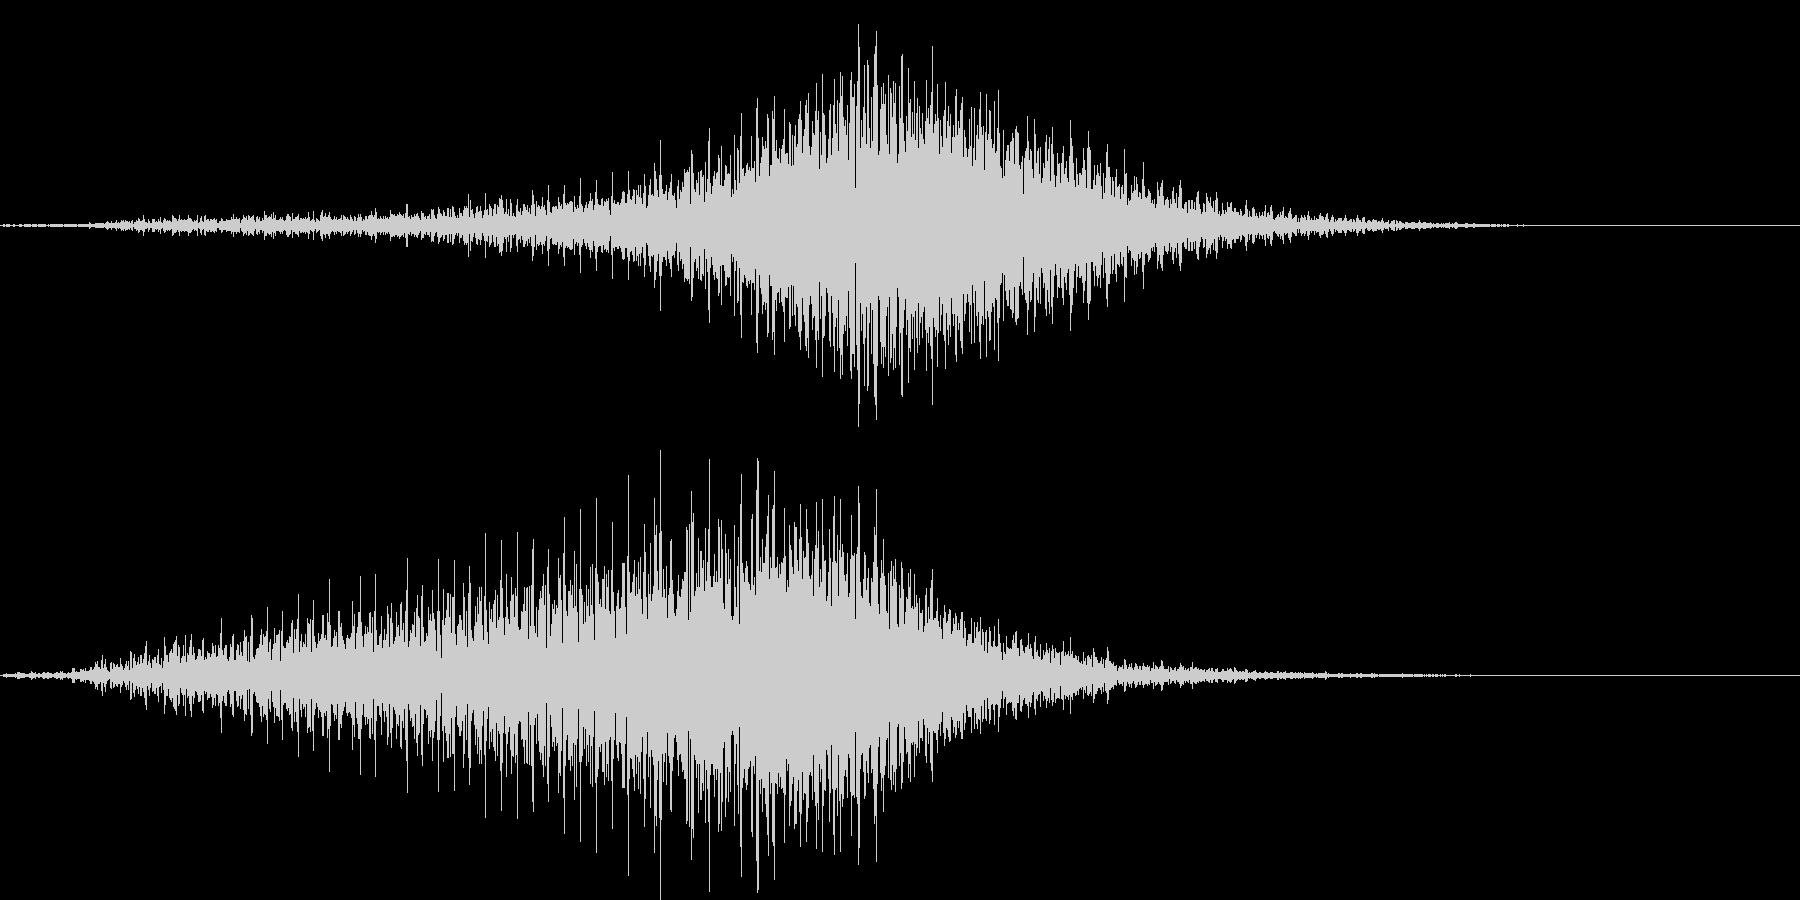 【輸送機】ブルブル,バラバラ 右から左の未再生の波形